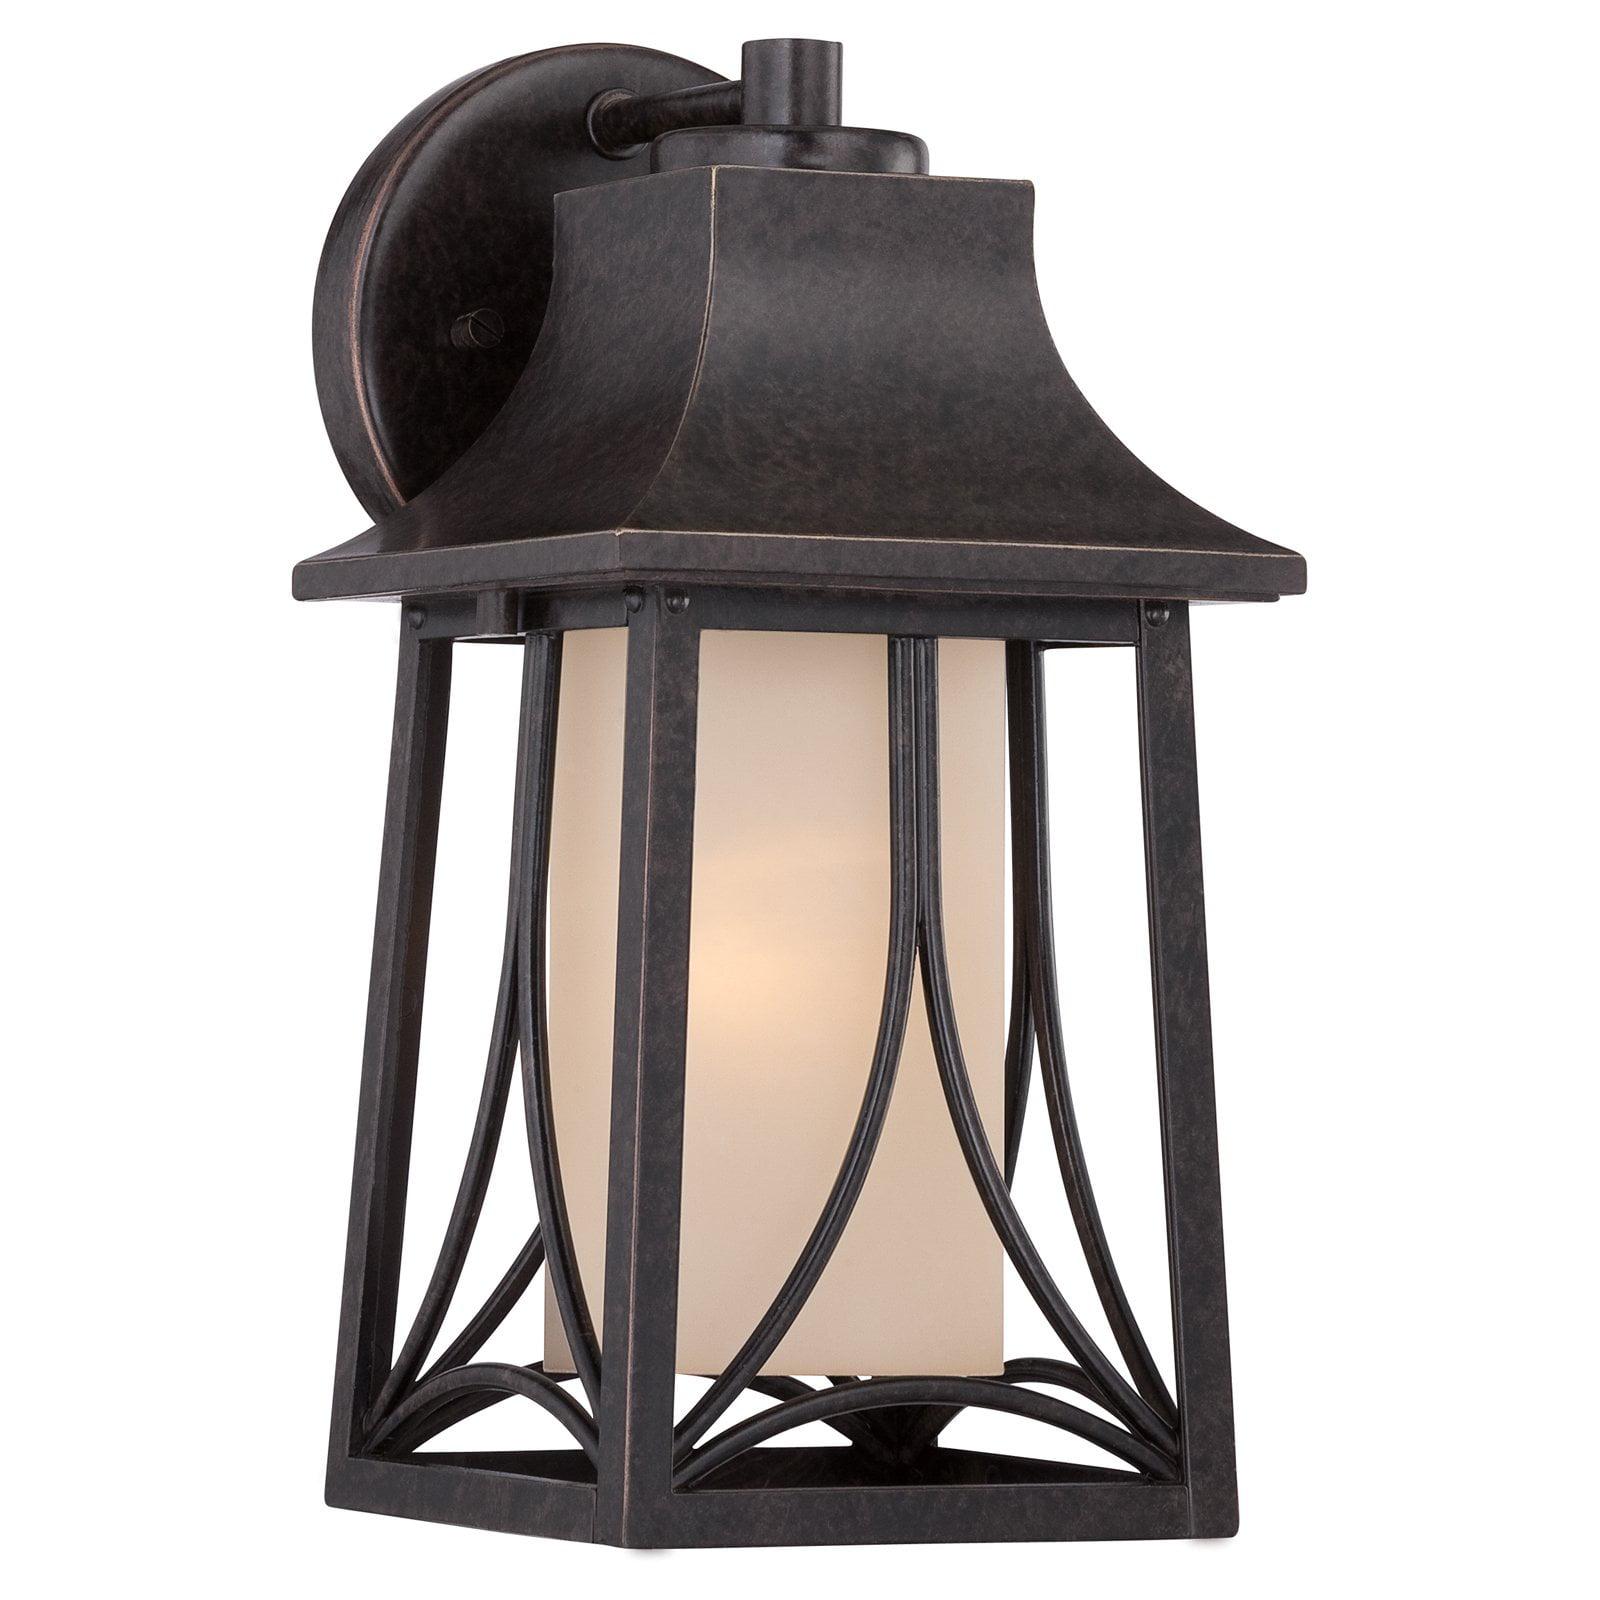 Quoizel Hunter HTR8406IB Outdoor Wall Lantern